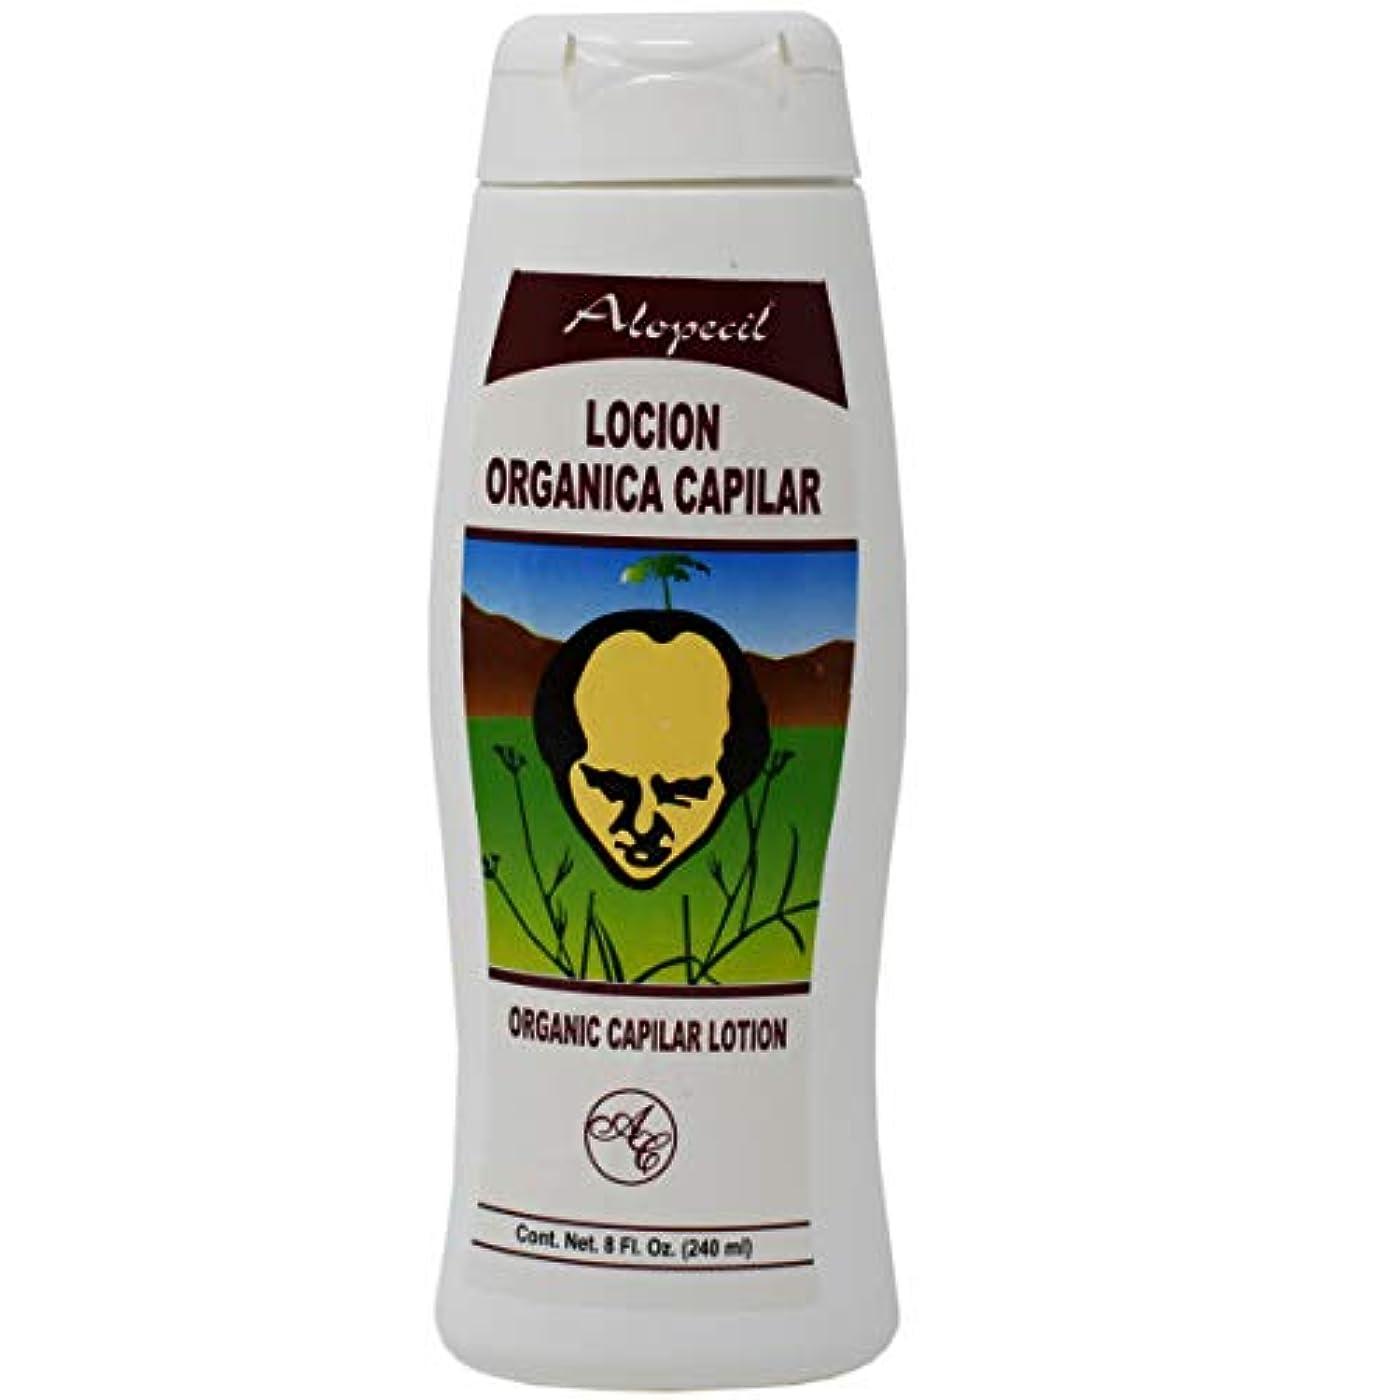 夜の動物園ノイズ加入Alopecil ドミニカ髪製品Locion Organica Capilar 8オンス